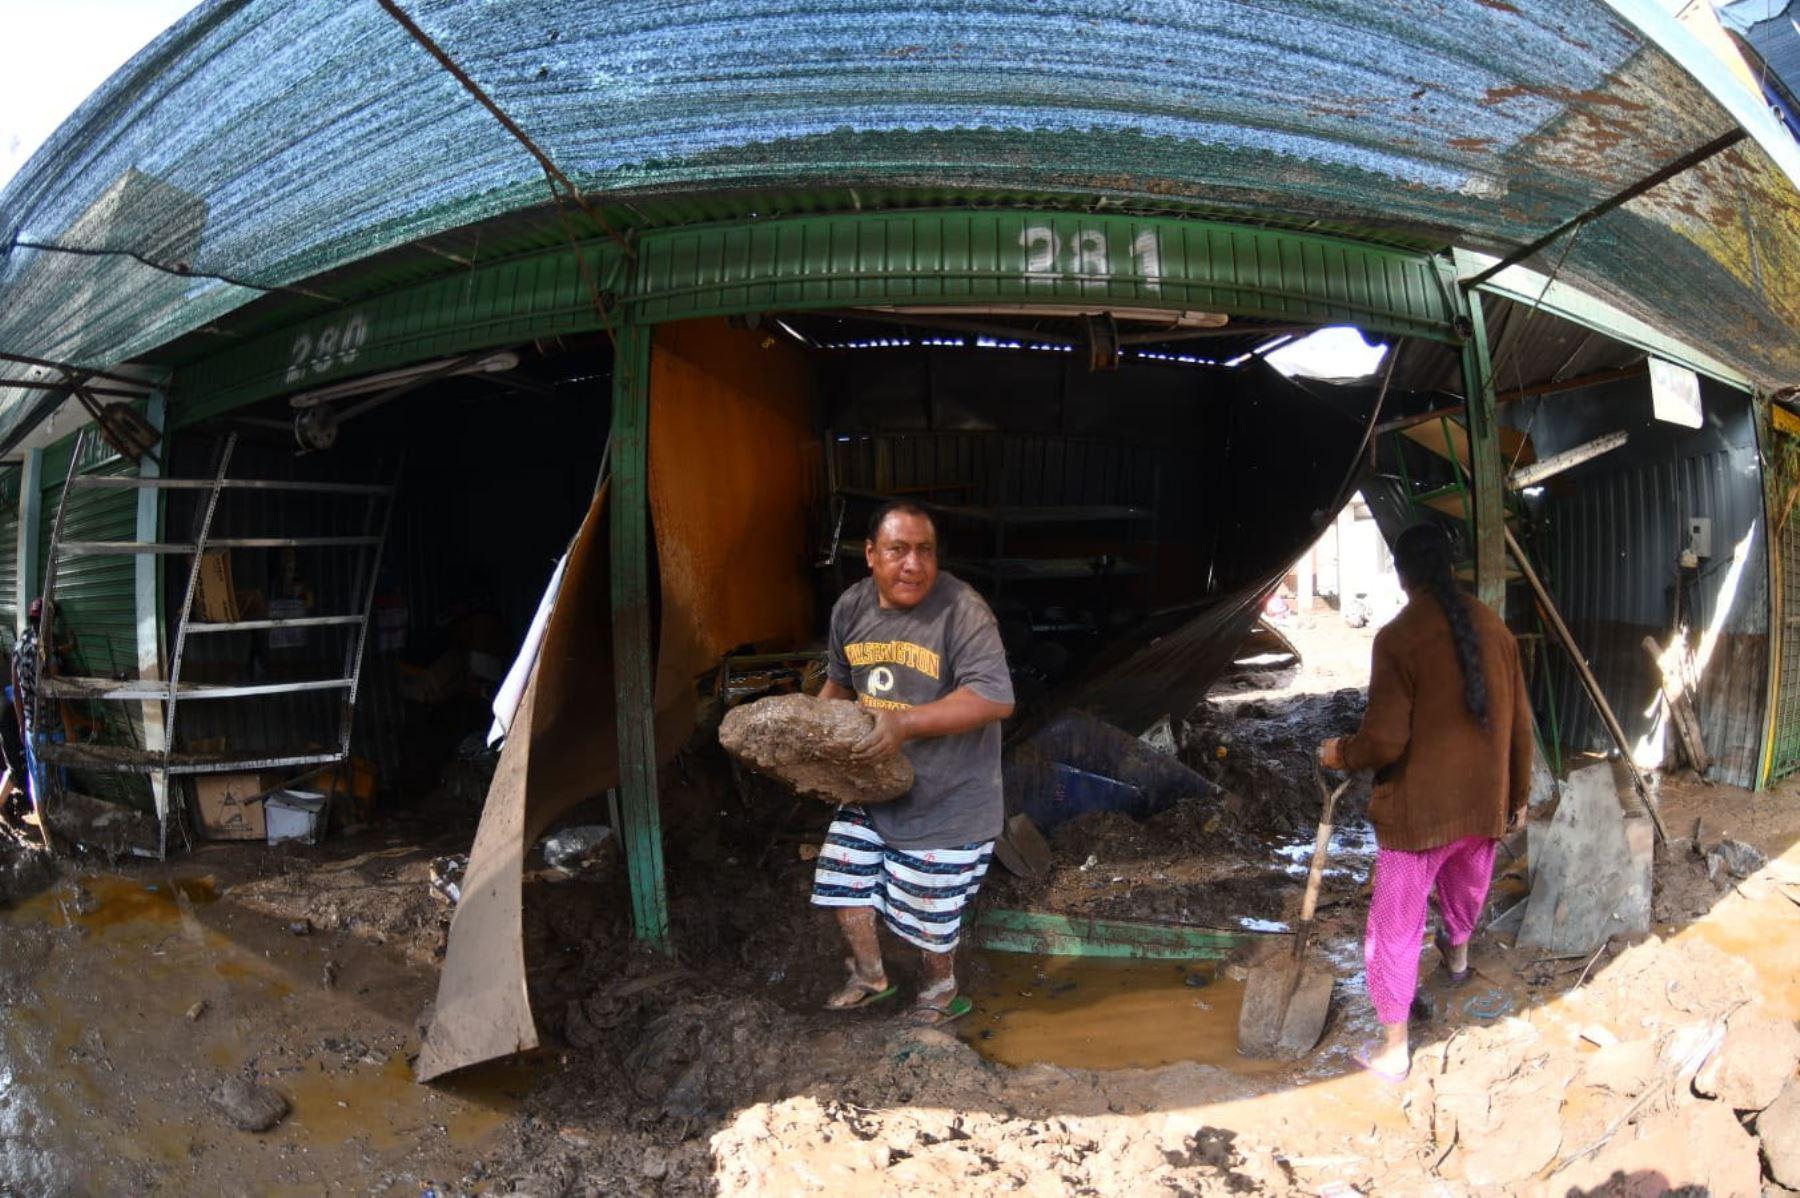 Fuertes lluvias y huaicos  arroja que al menos hay 250 viviendas afectadas, así como diversas infraestructuras que sufrieron daños por las precipitaciones. Foto : Cortesía /Diego Ramos Lupo